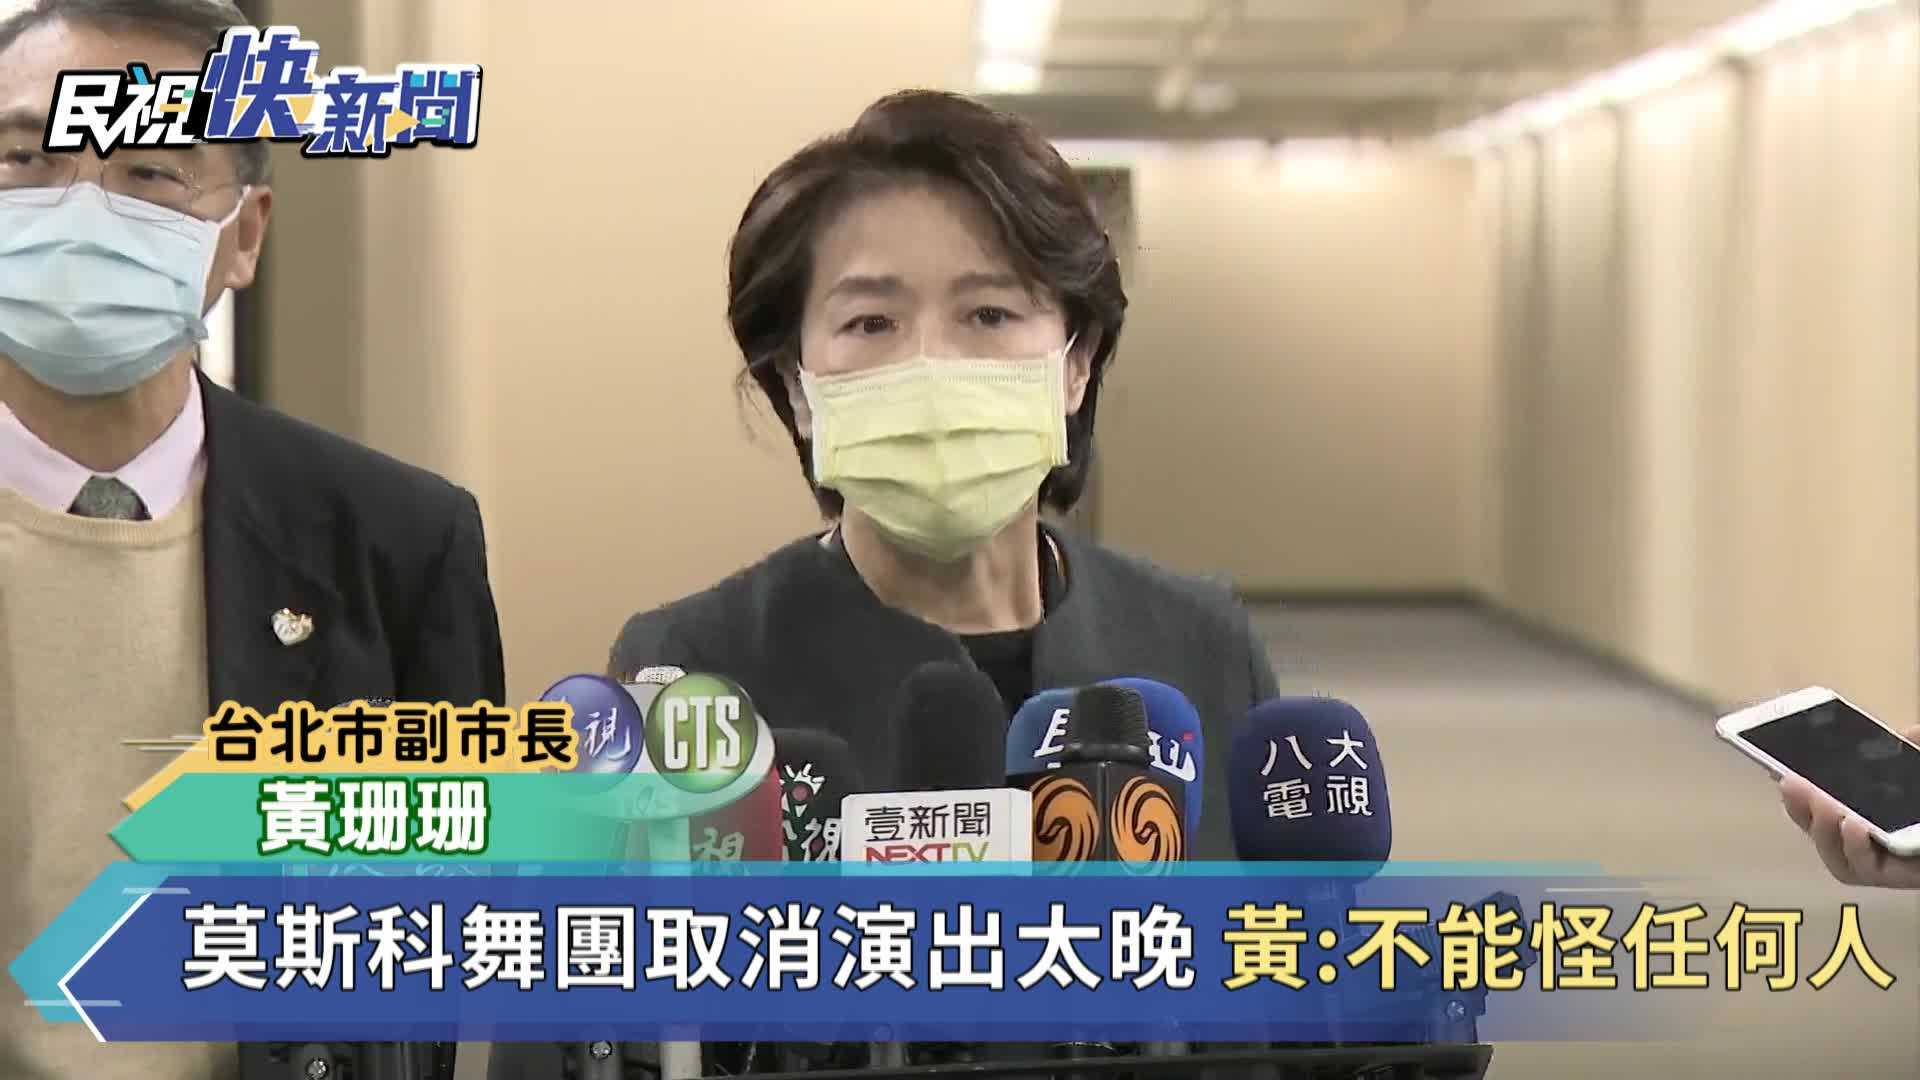 快新聞/陳時中提莫斯科團員原地隔離 黃珊珊:盼移到集中檢疫所